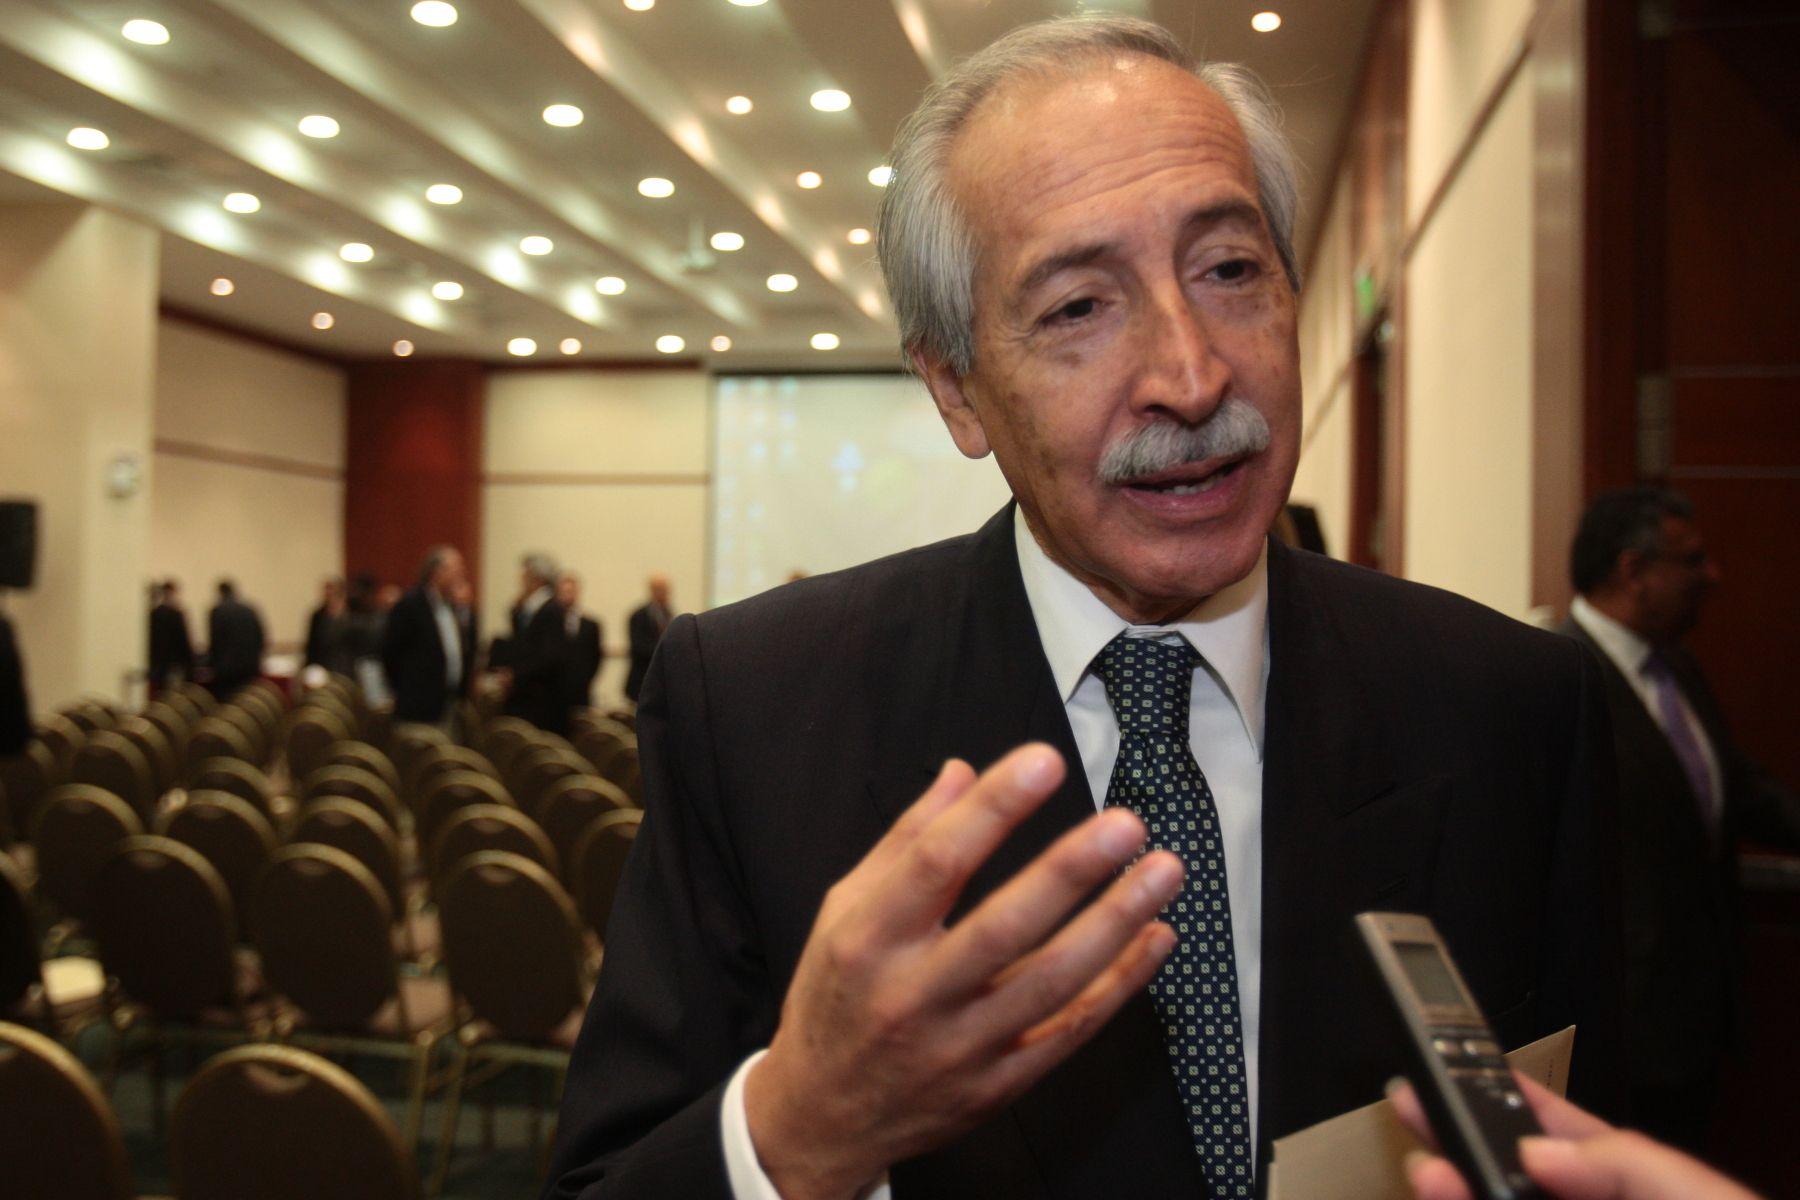 Director Ejecutivo de la IEDEP de la CCL, César Peñaranda. ANDINA/Juan Carlos Guzmán